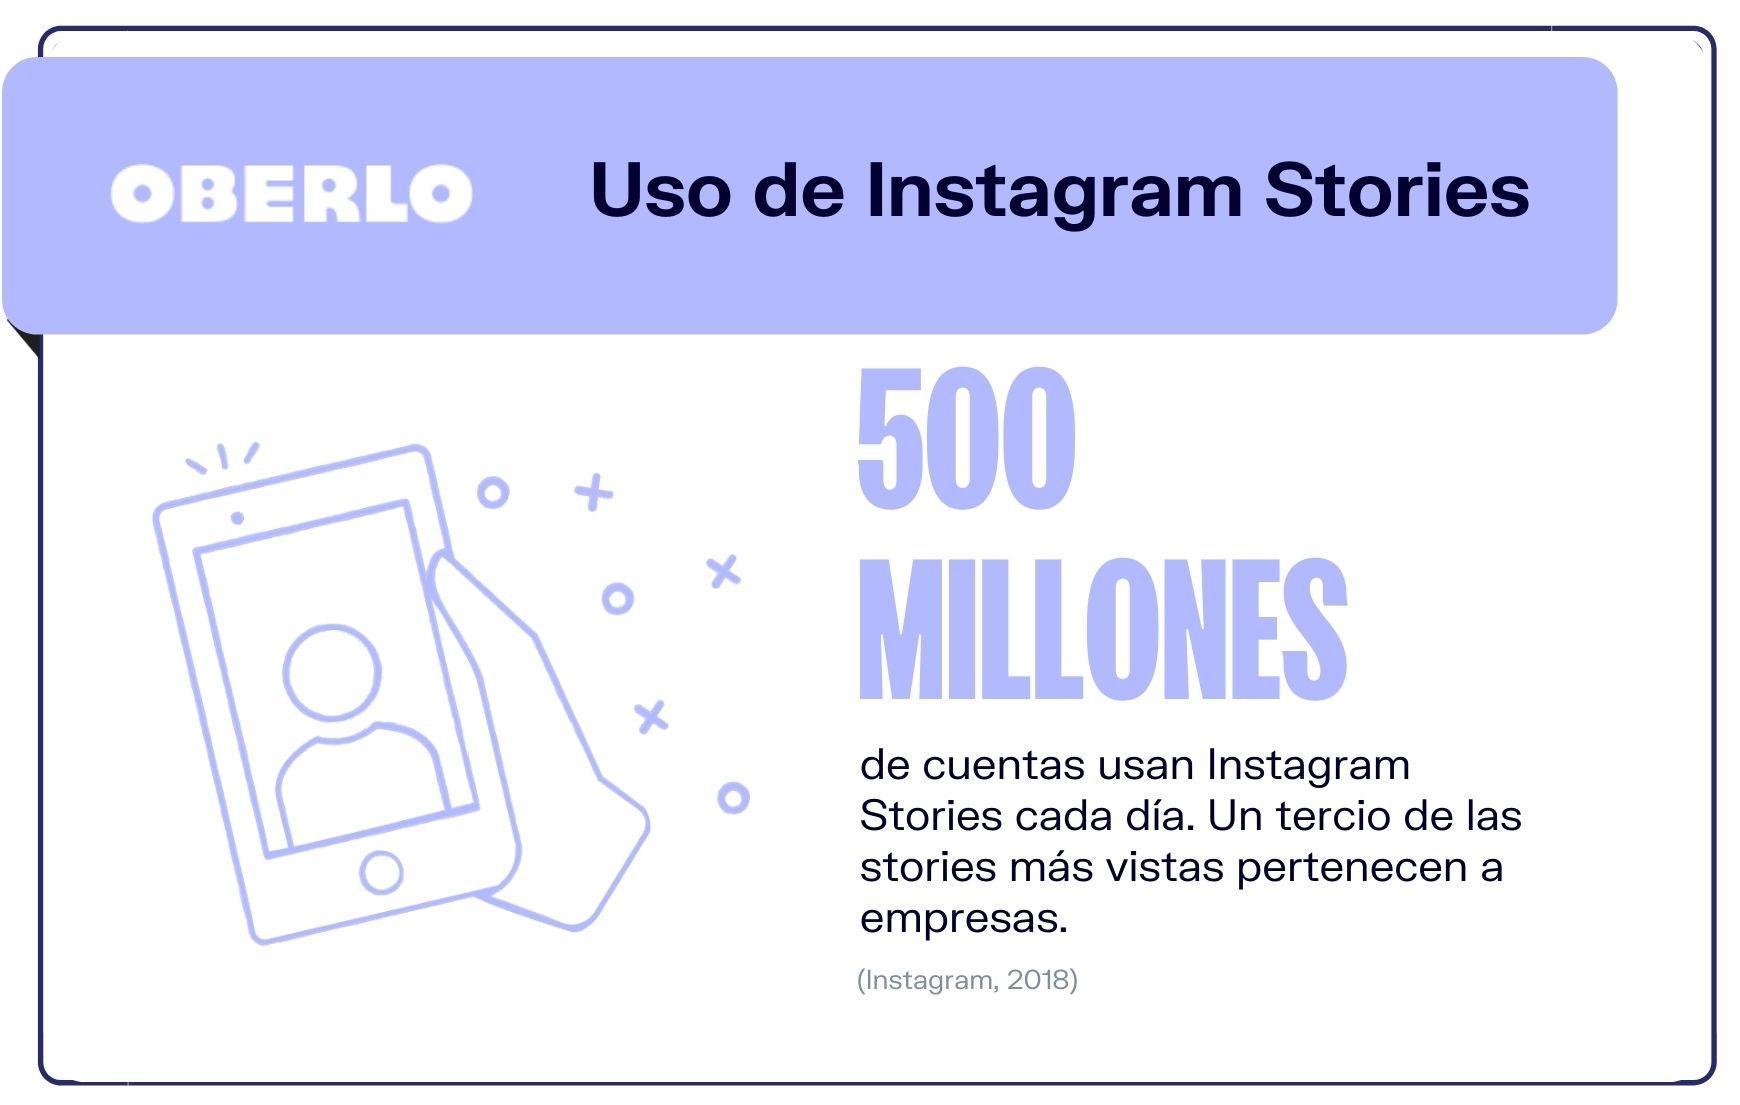 Uso de las historias, importante en las métricas de Instagram